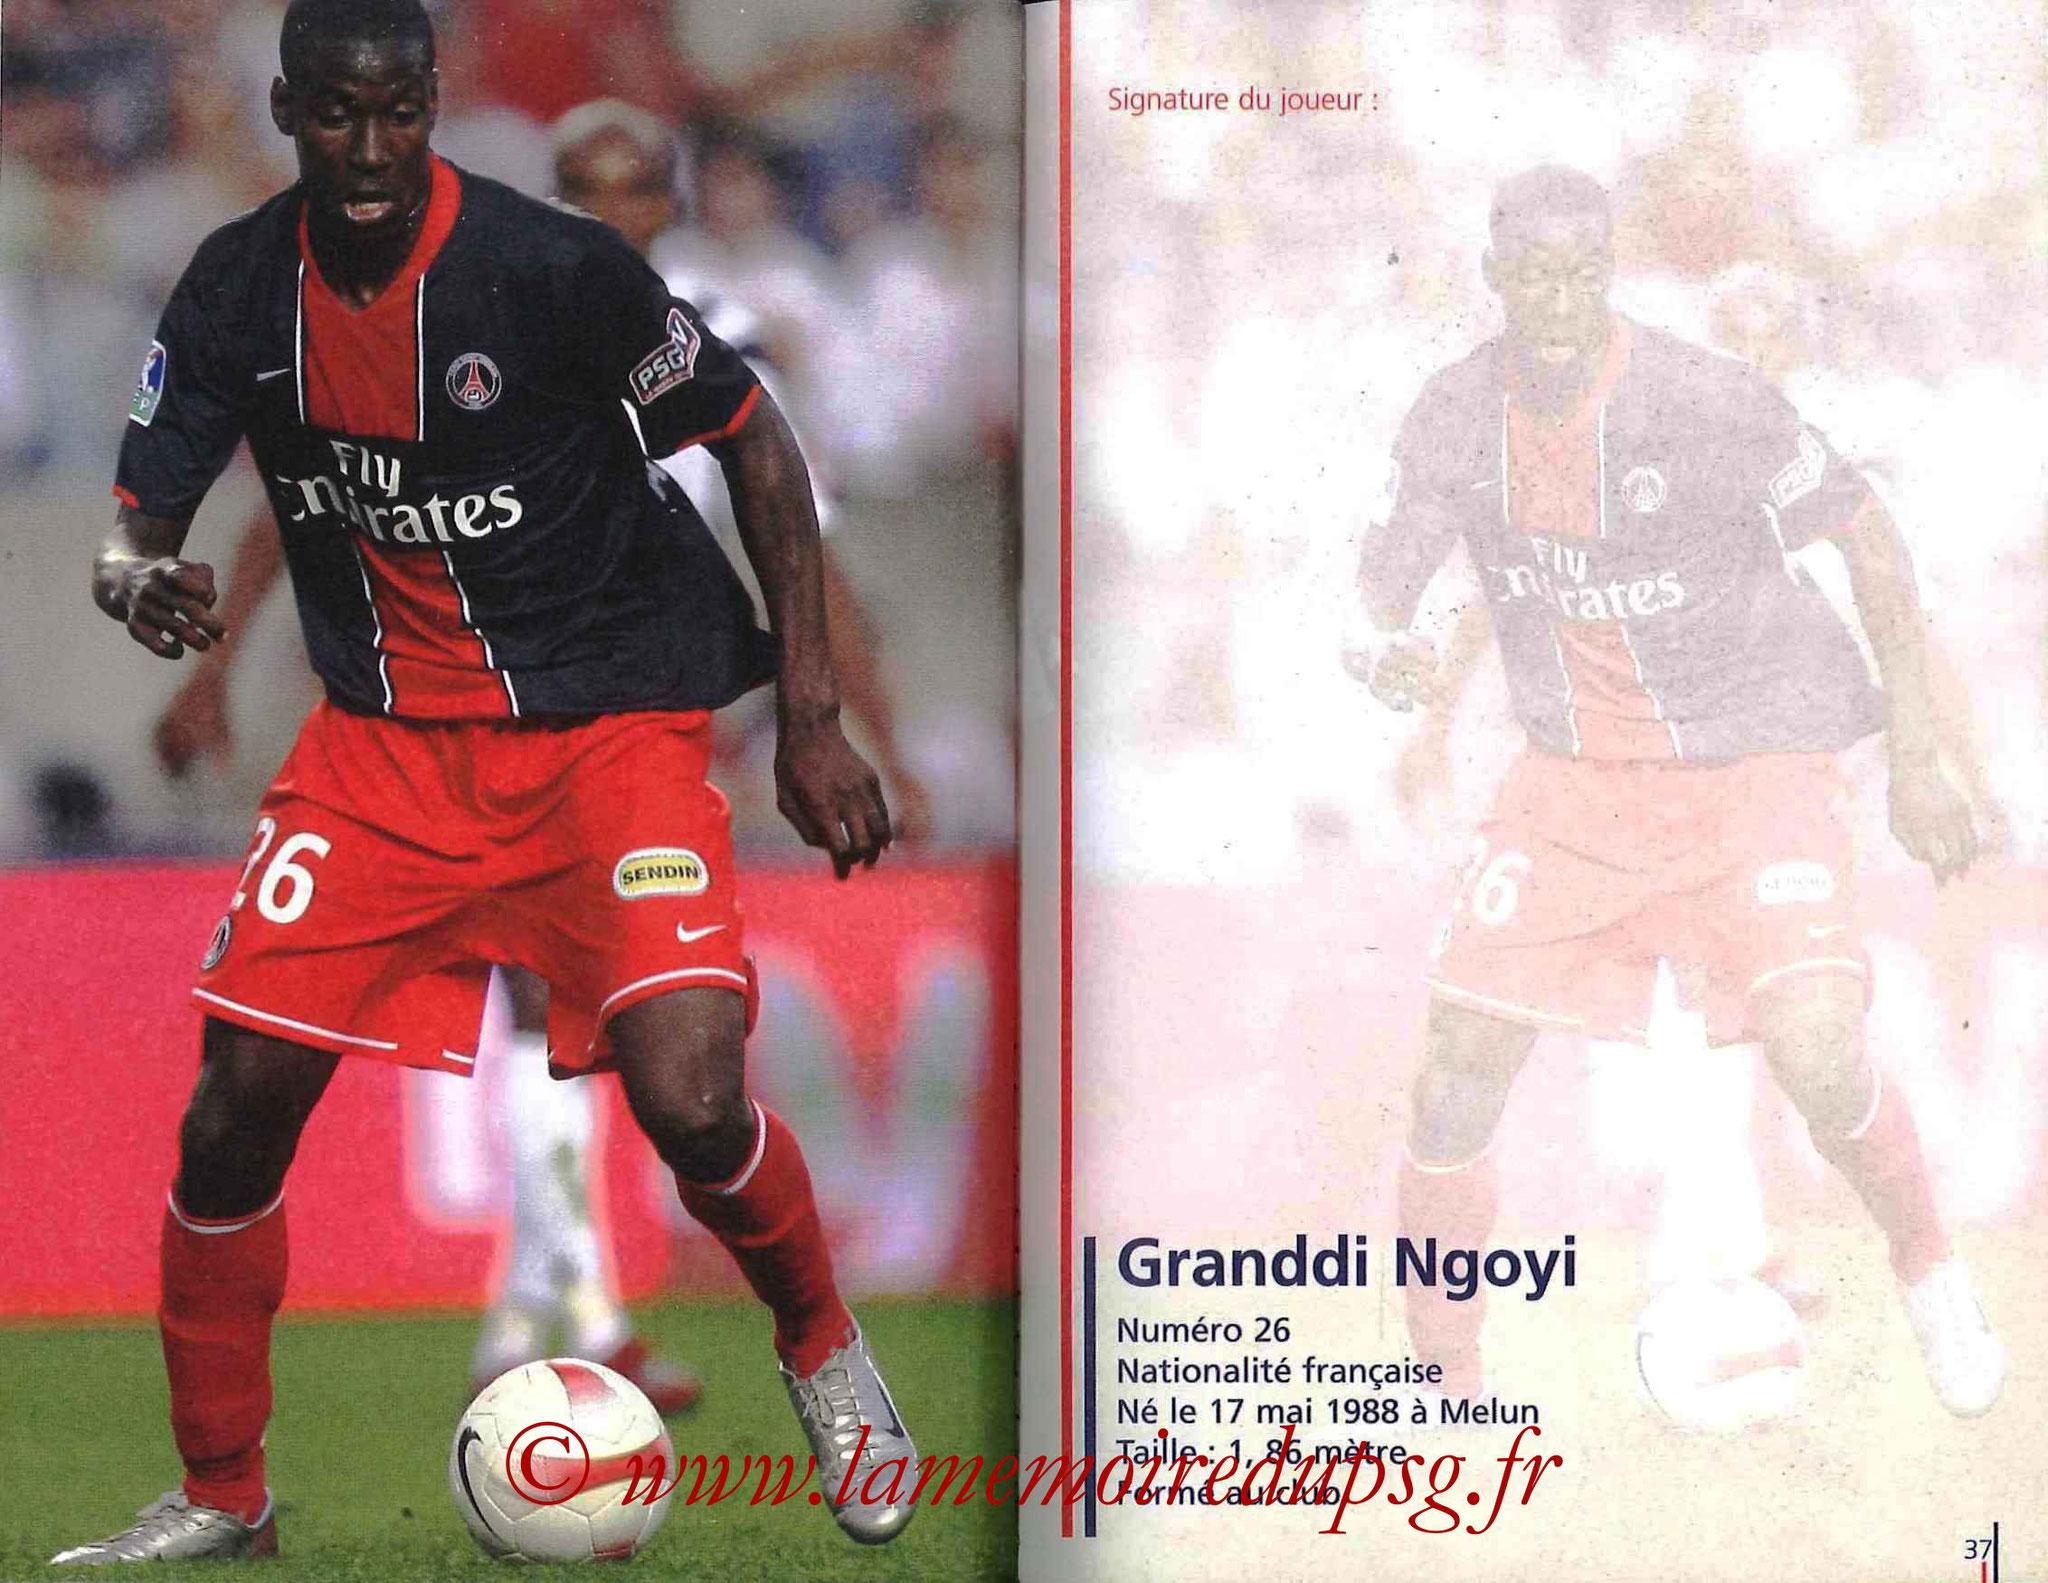 2007-08 - Guide de la Saison PSG - Pages 36 et 37 - Granddi NGOYI